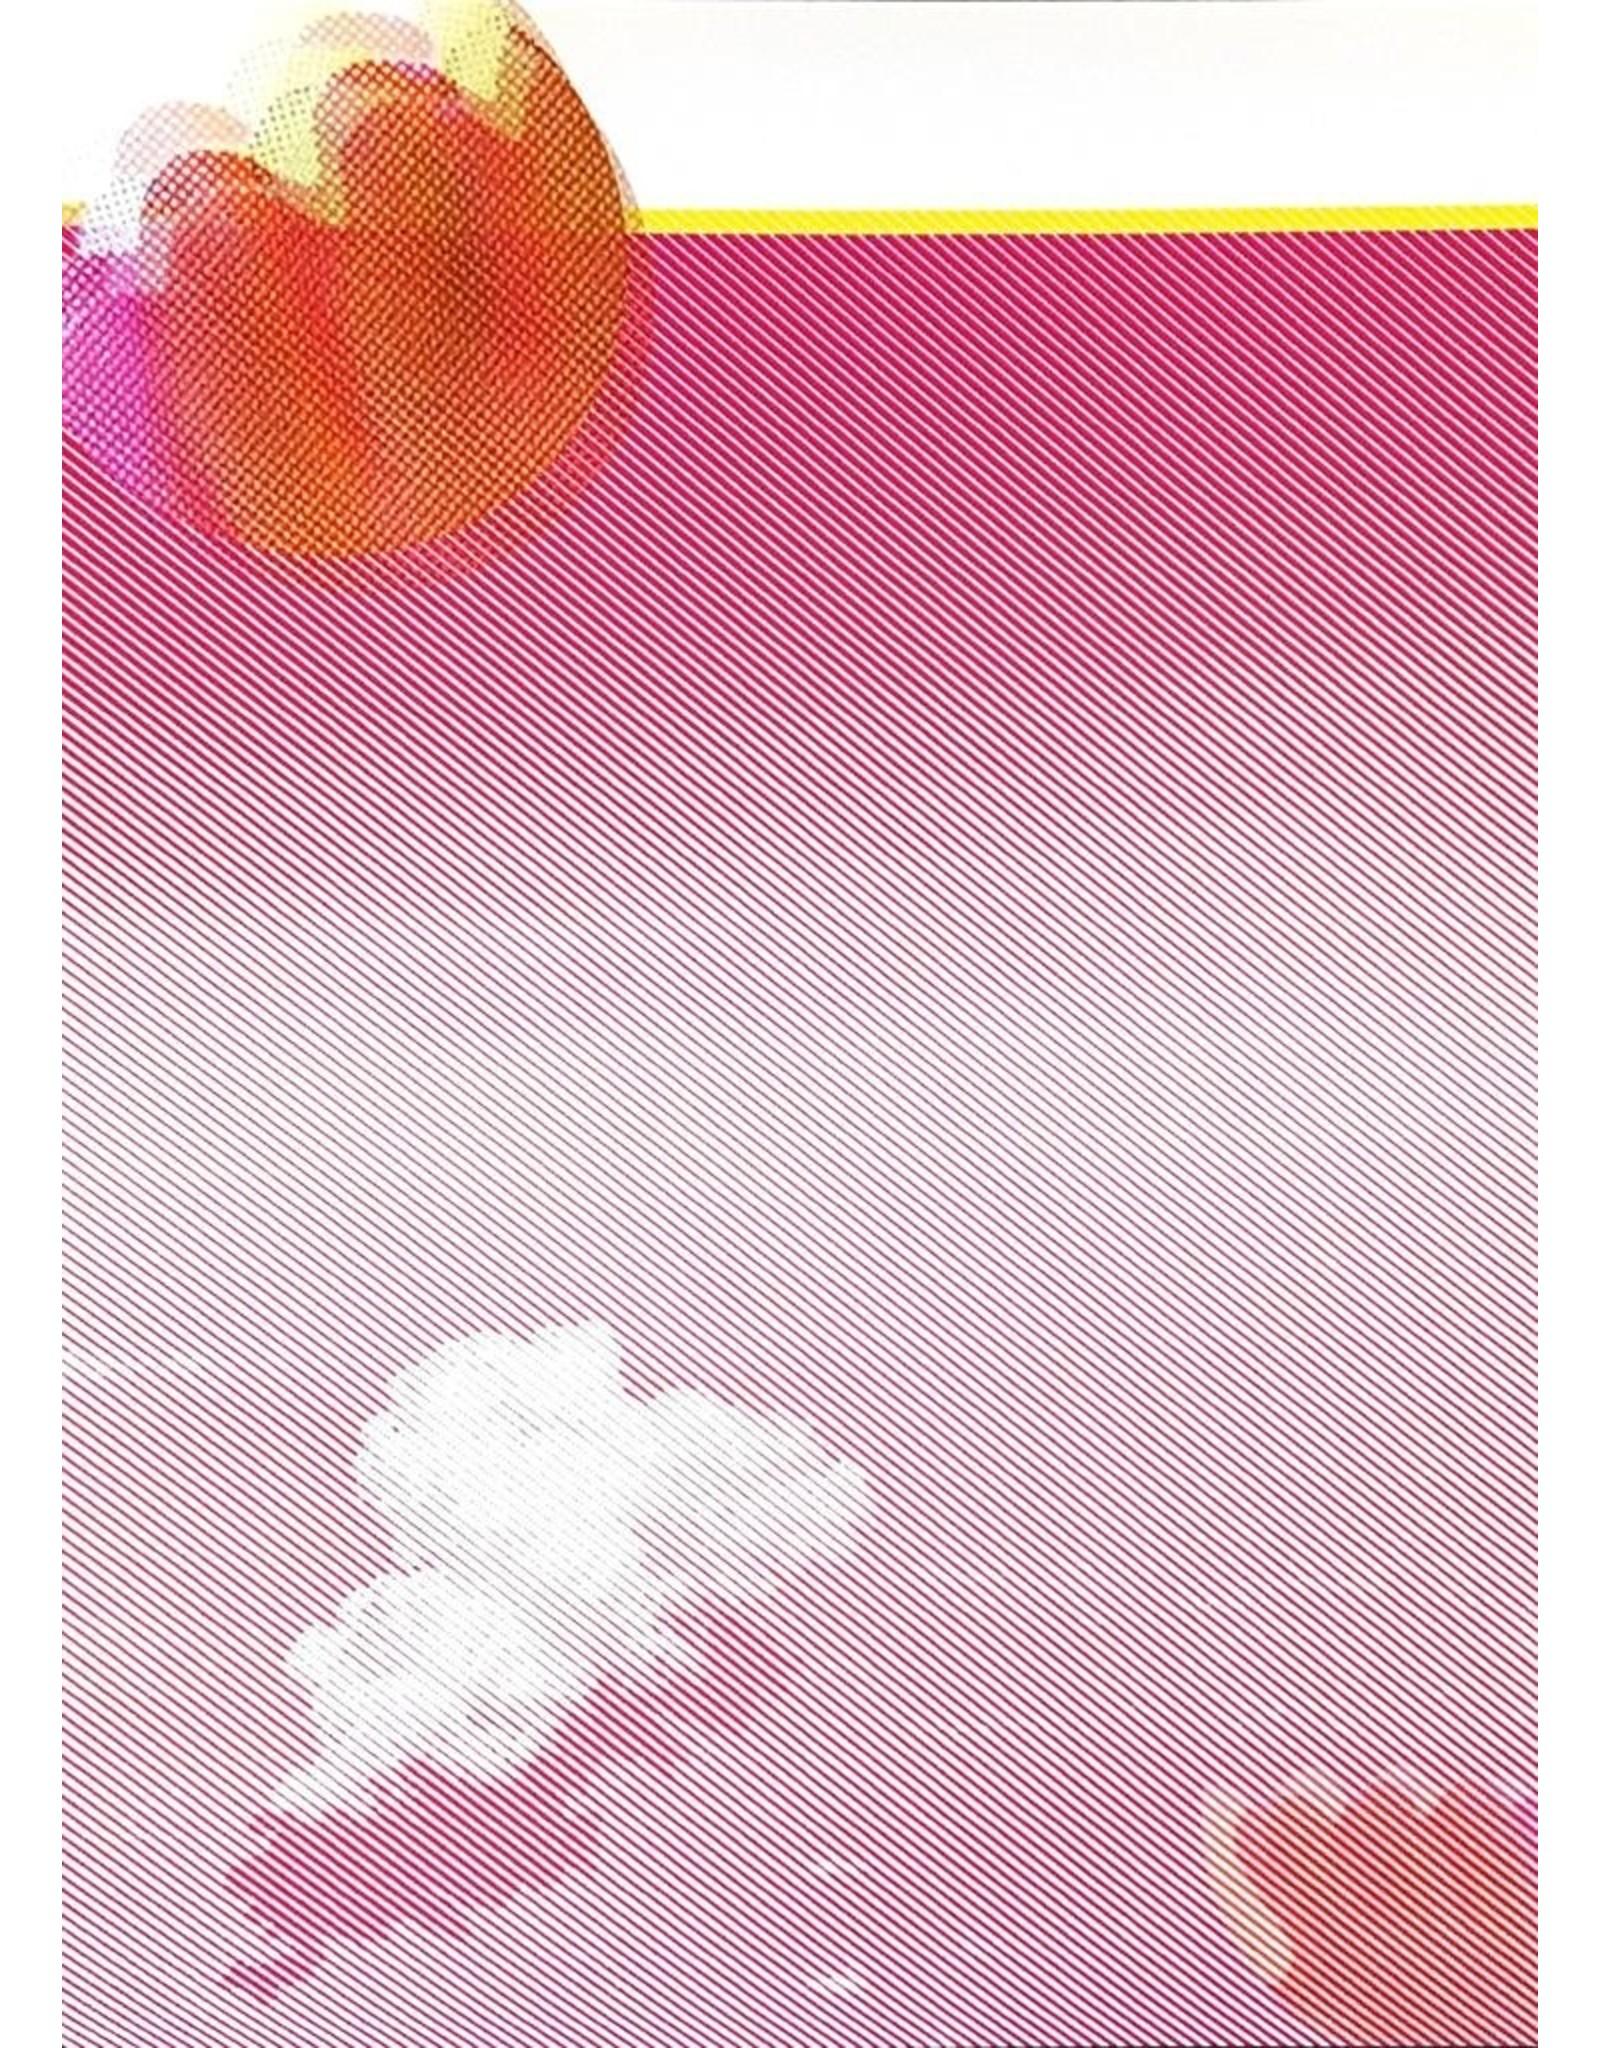 Muñoz Gomez, Mariana untitled (skyscape), Mariana Muñoz Gomez